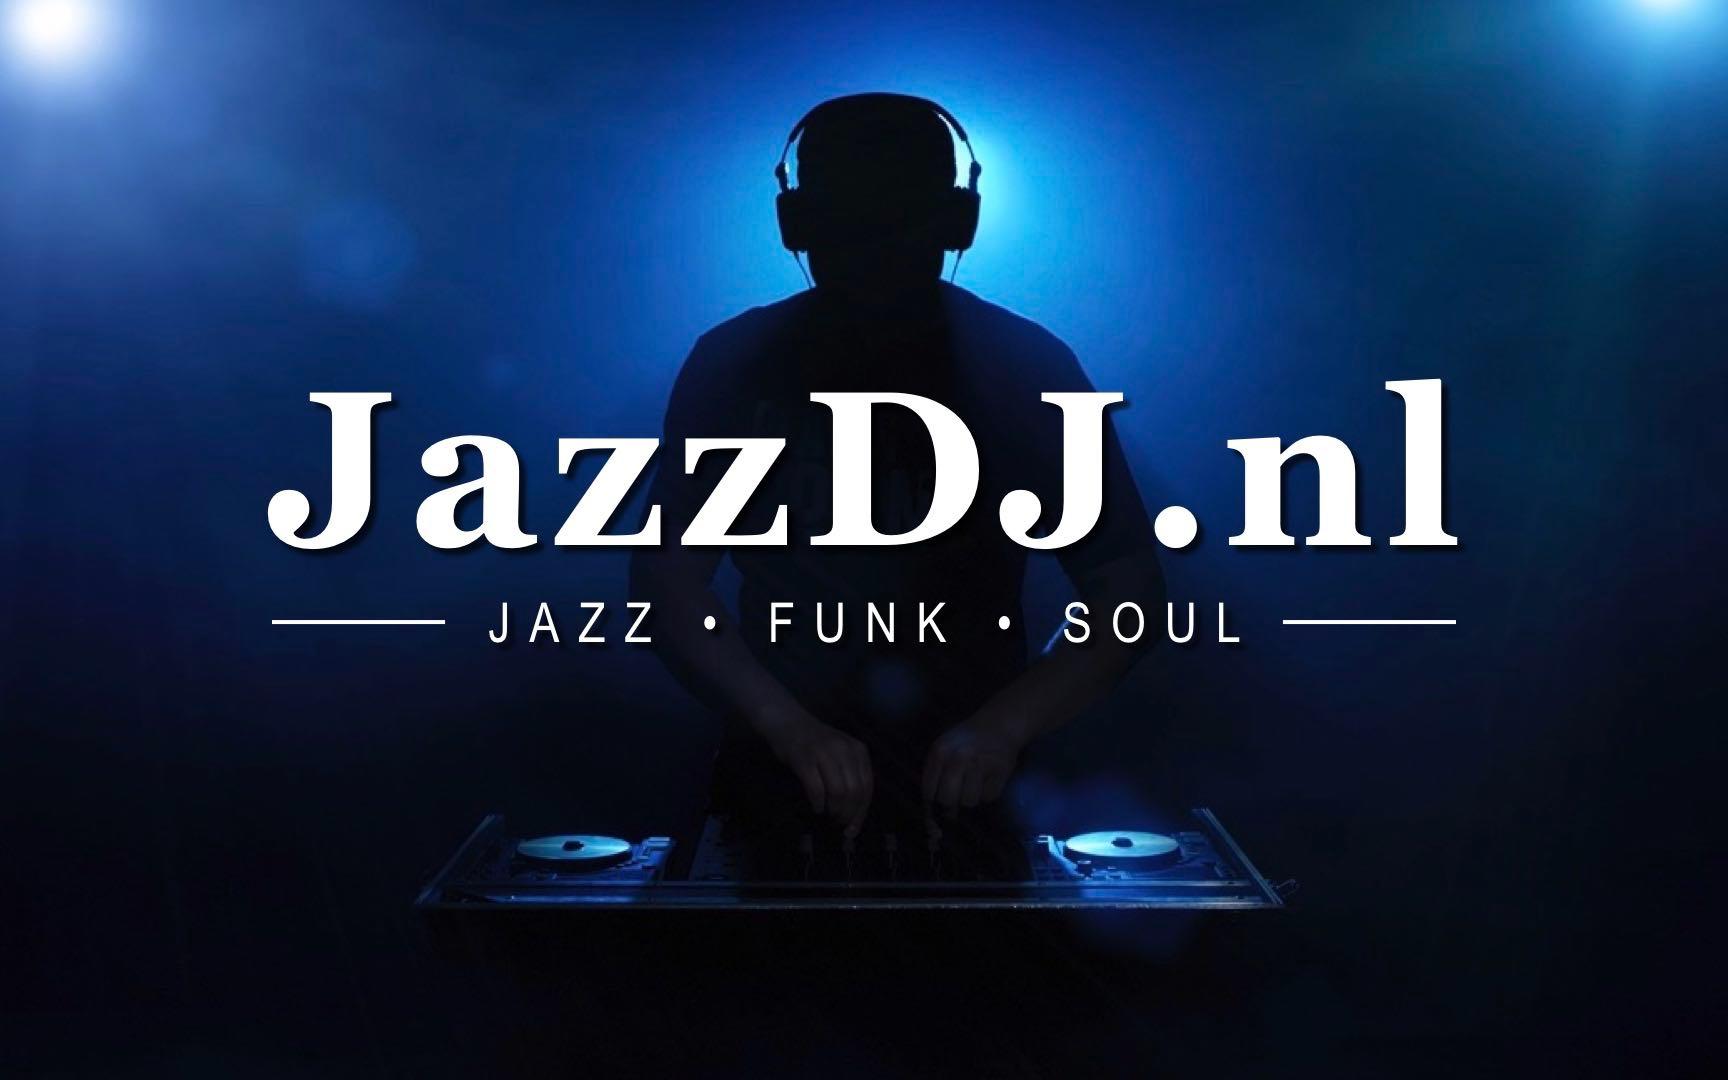 Jazz DJ - JazzDJ.nl - Jazz - Funk - Soul.